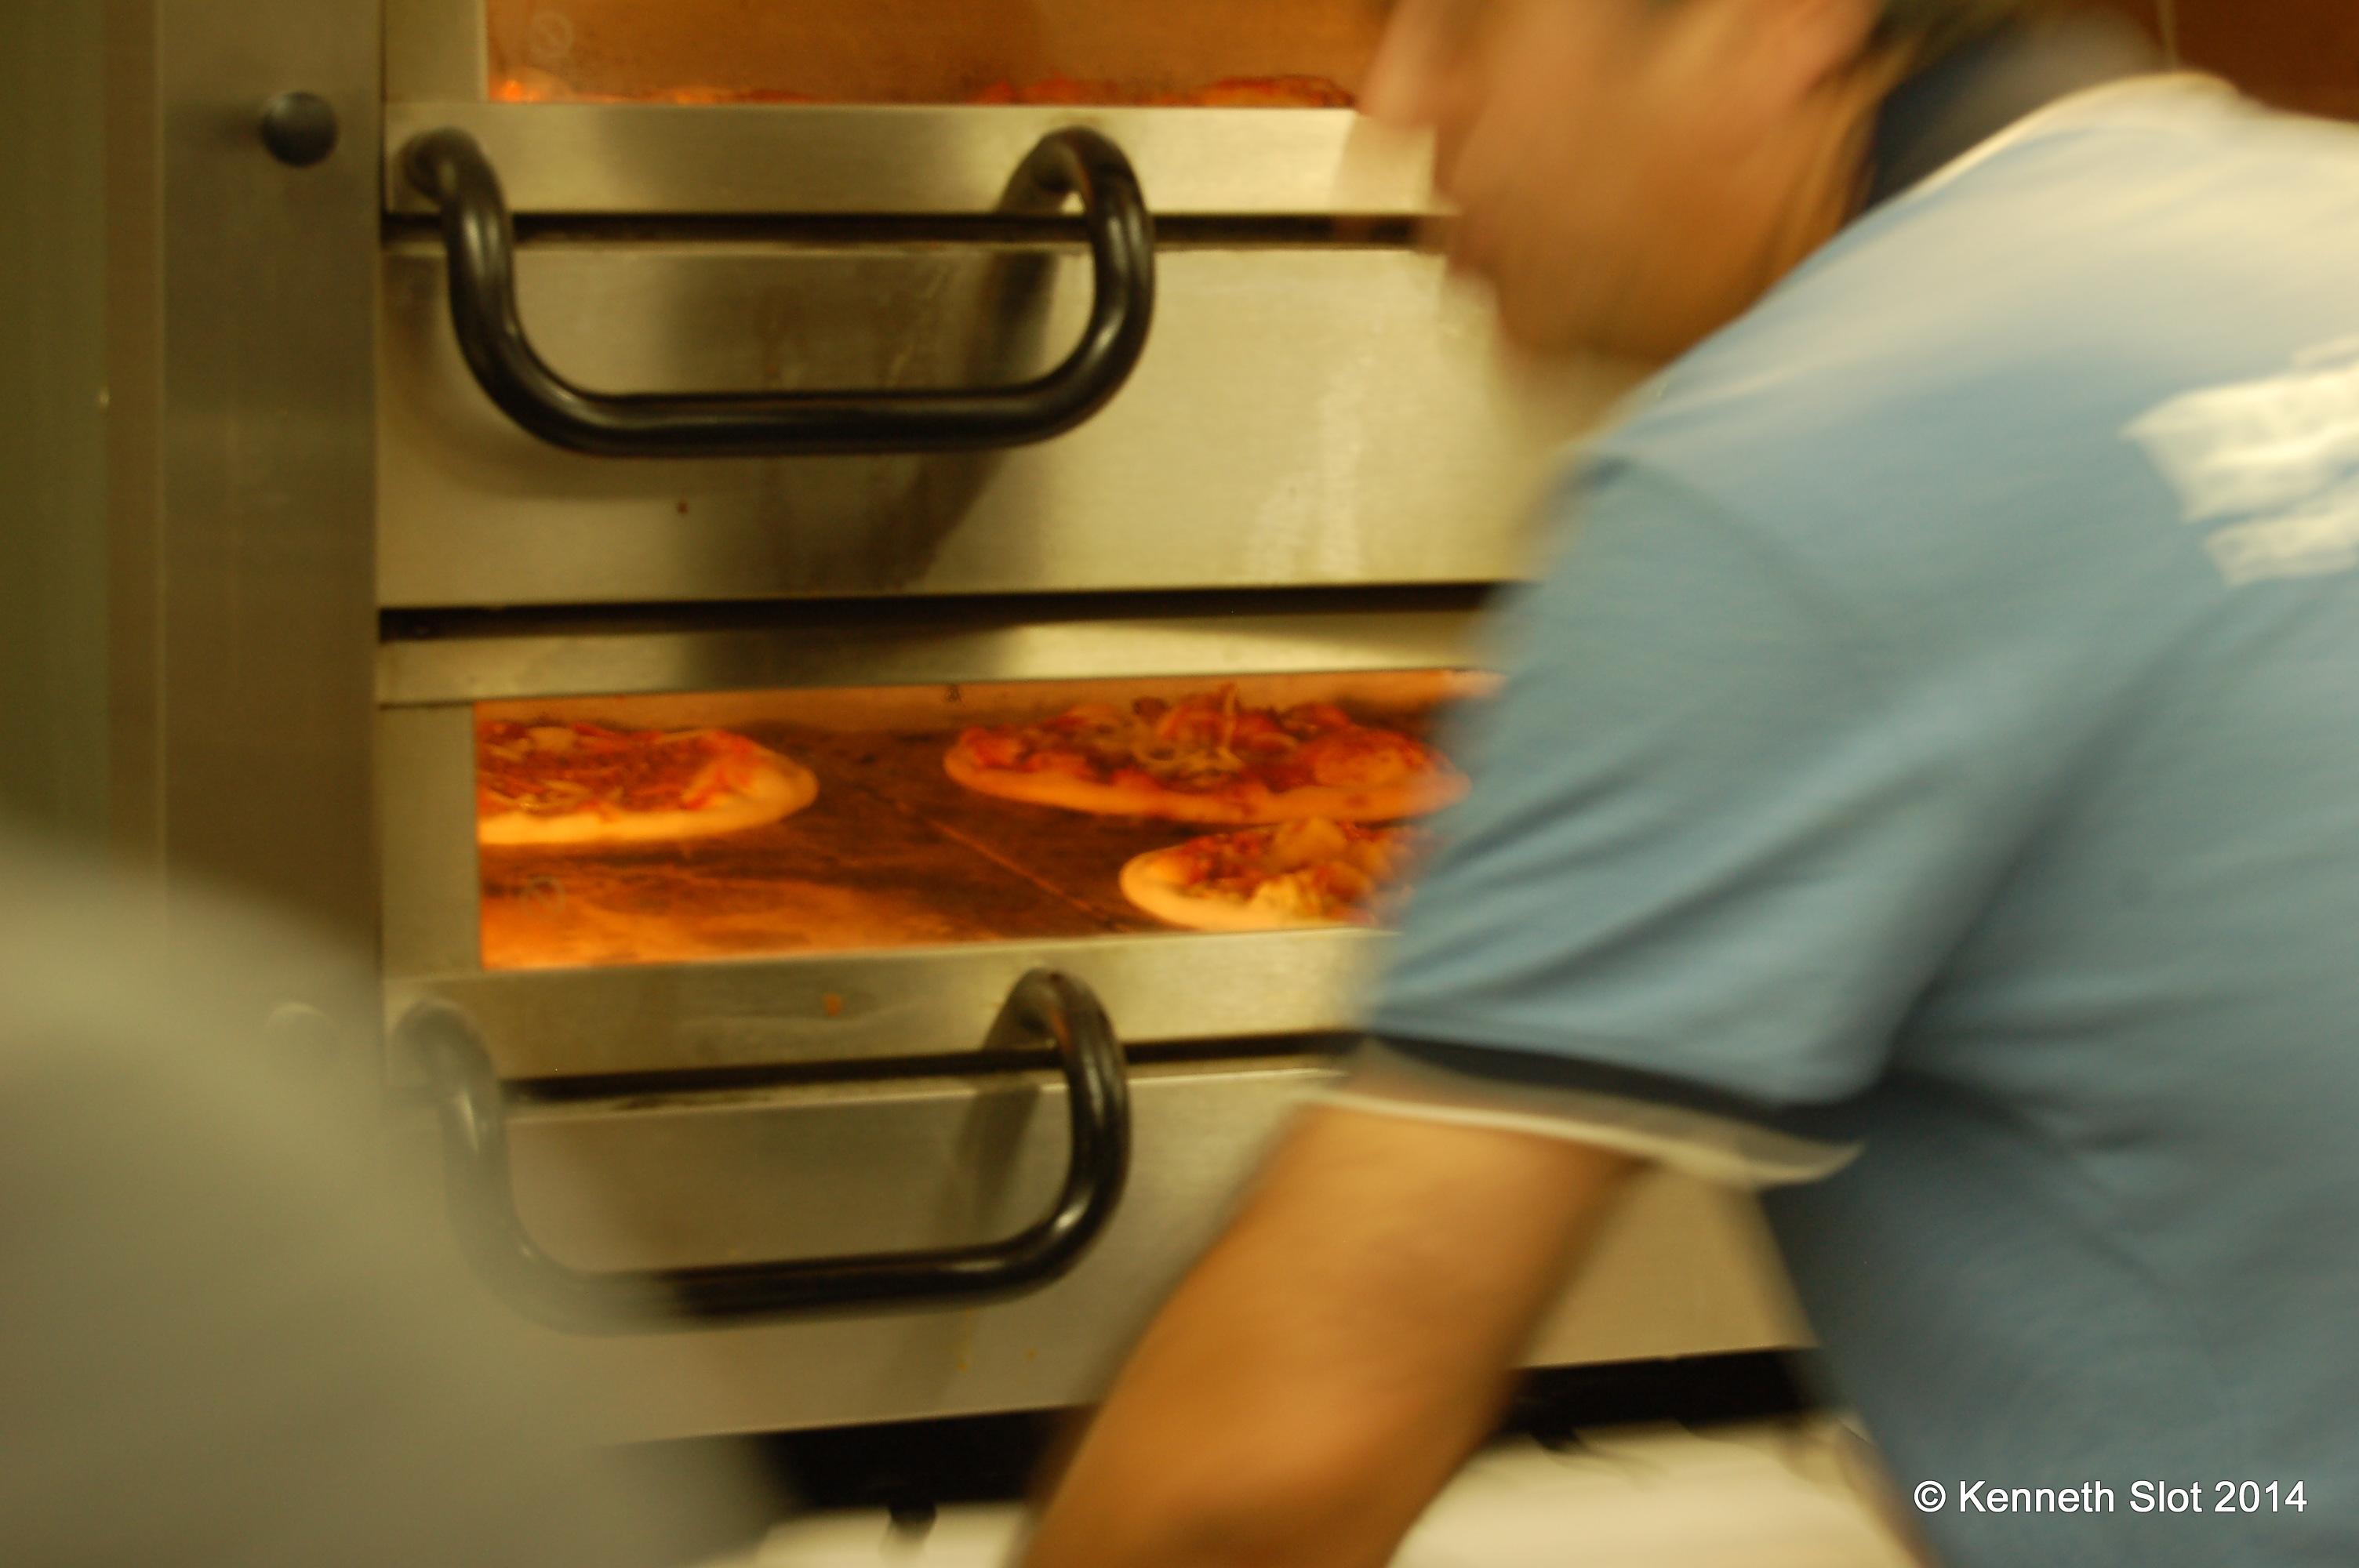 Metin styrer pizzaovnen